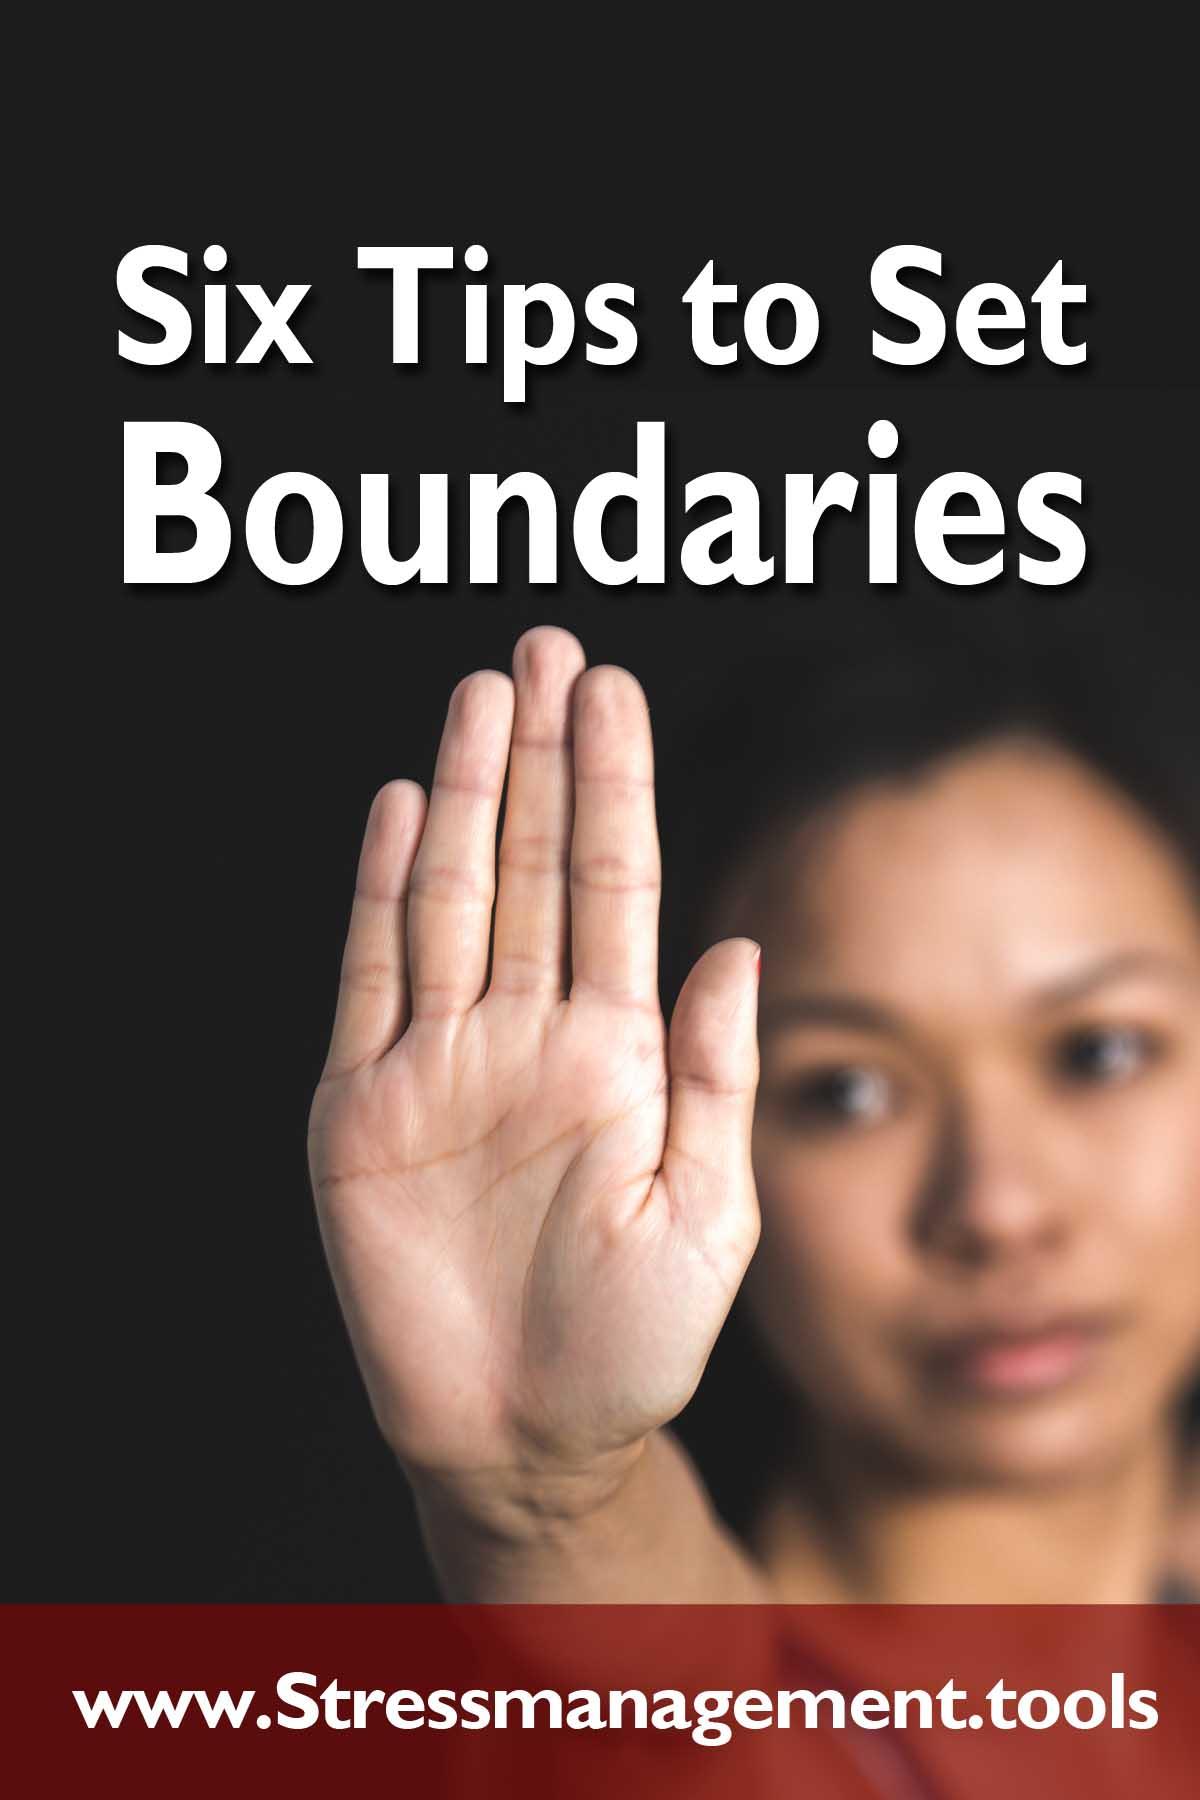 Six Tips to Set Boundaries